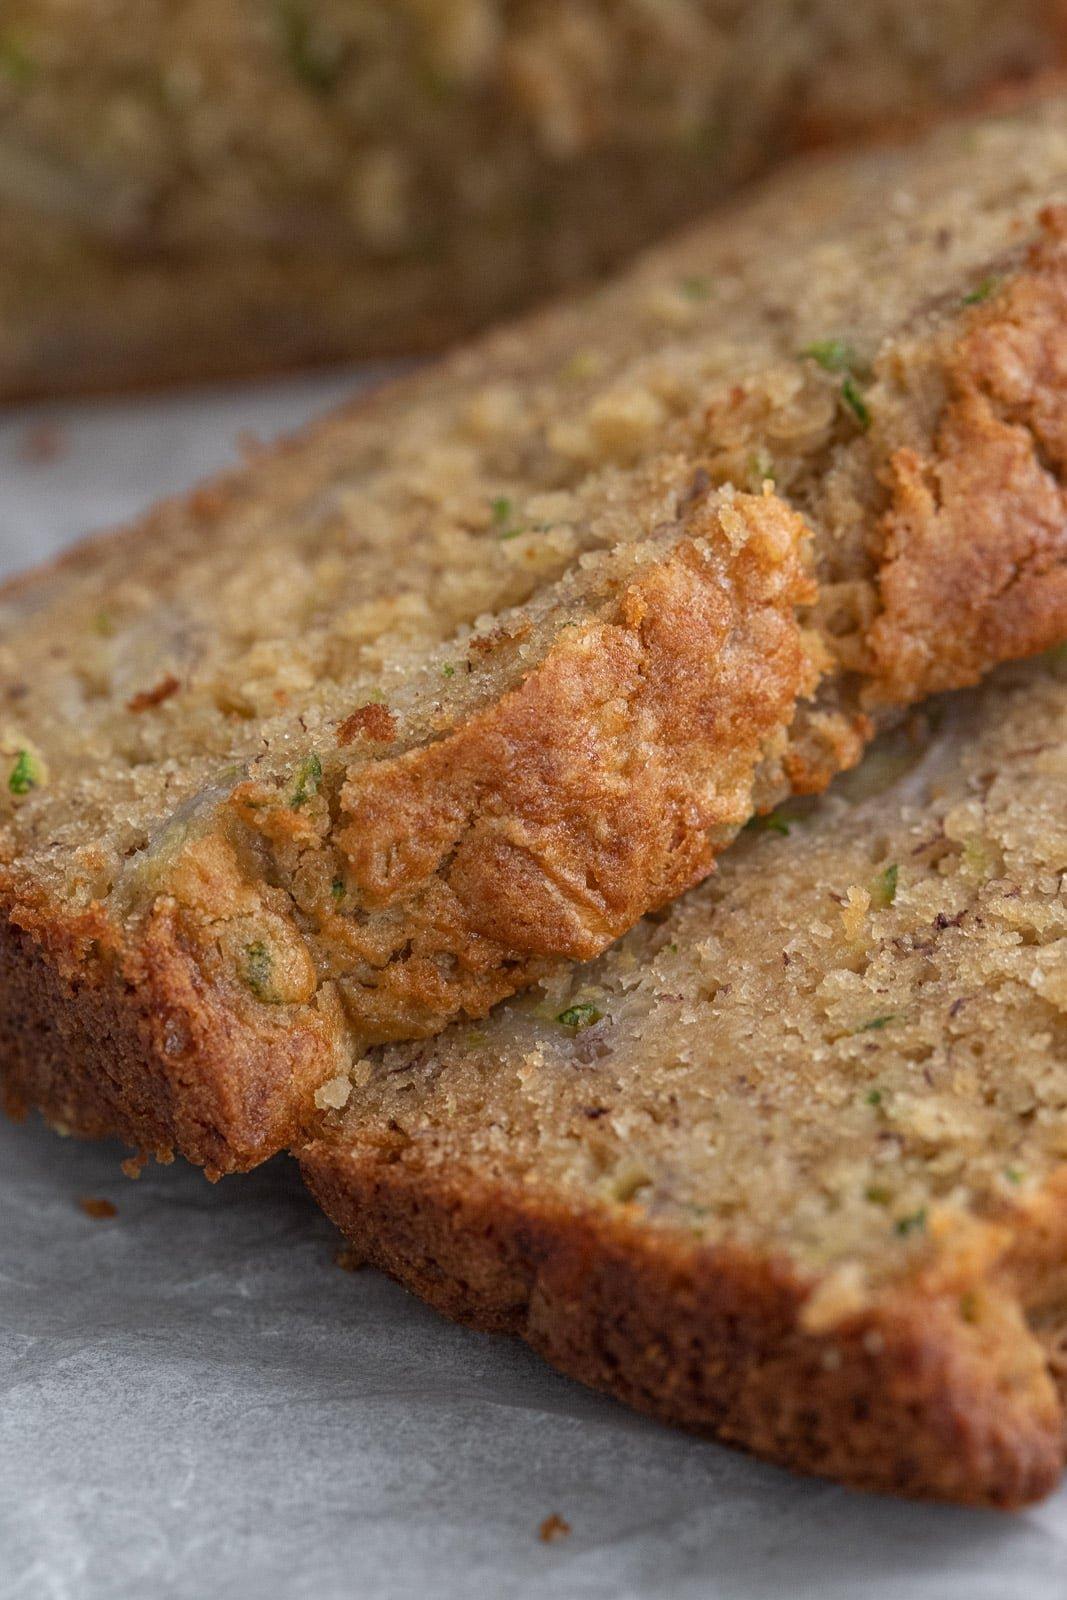 Tops of zucchini bread slices.